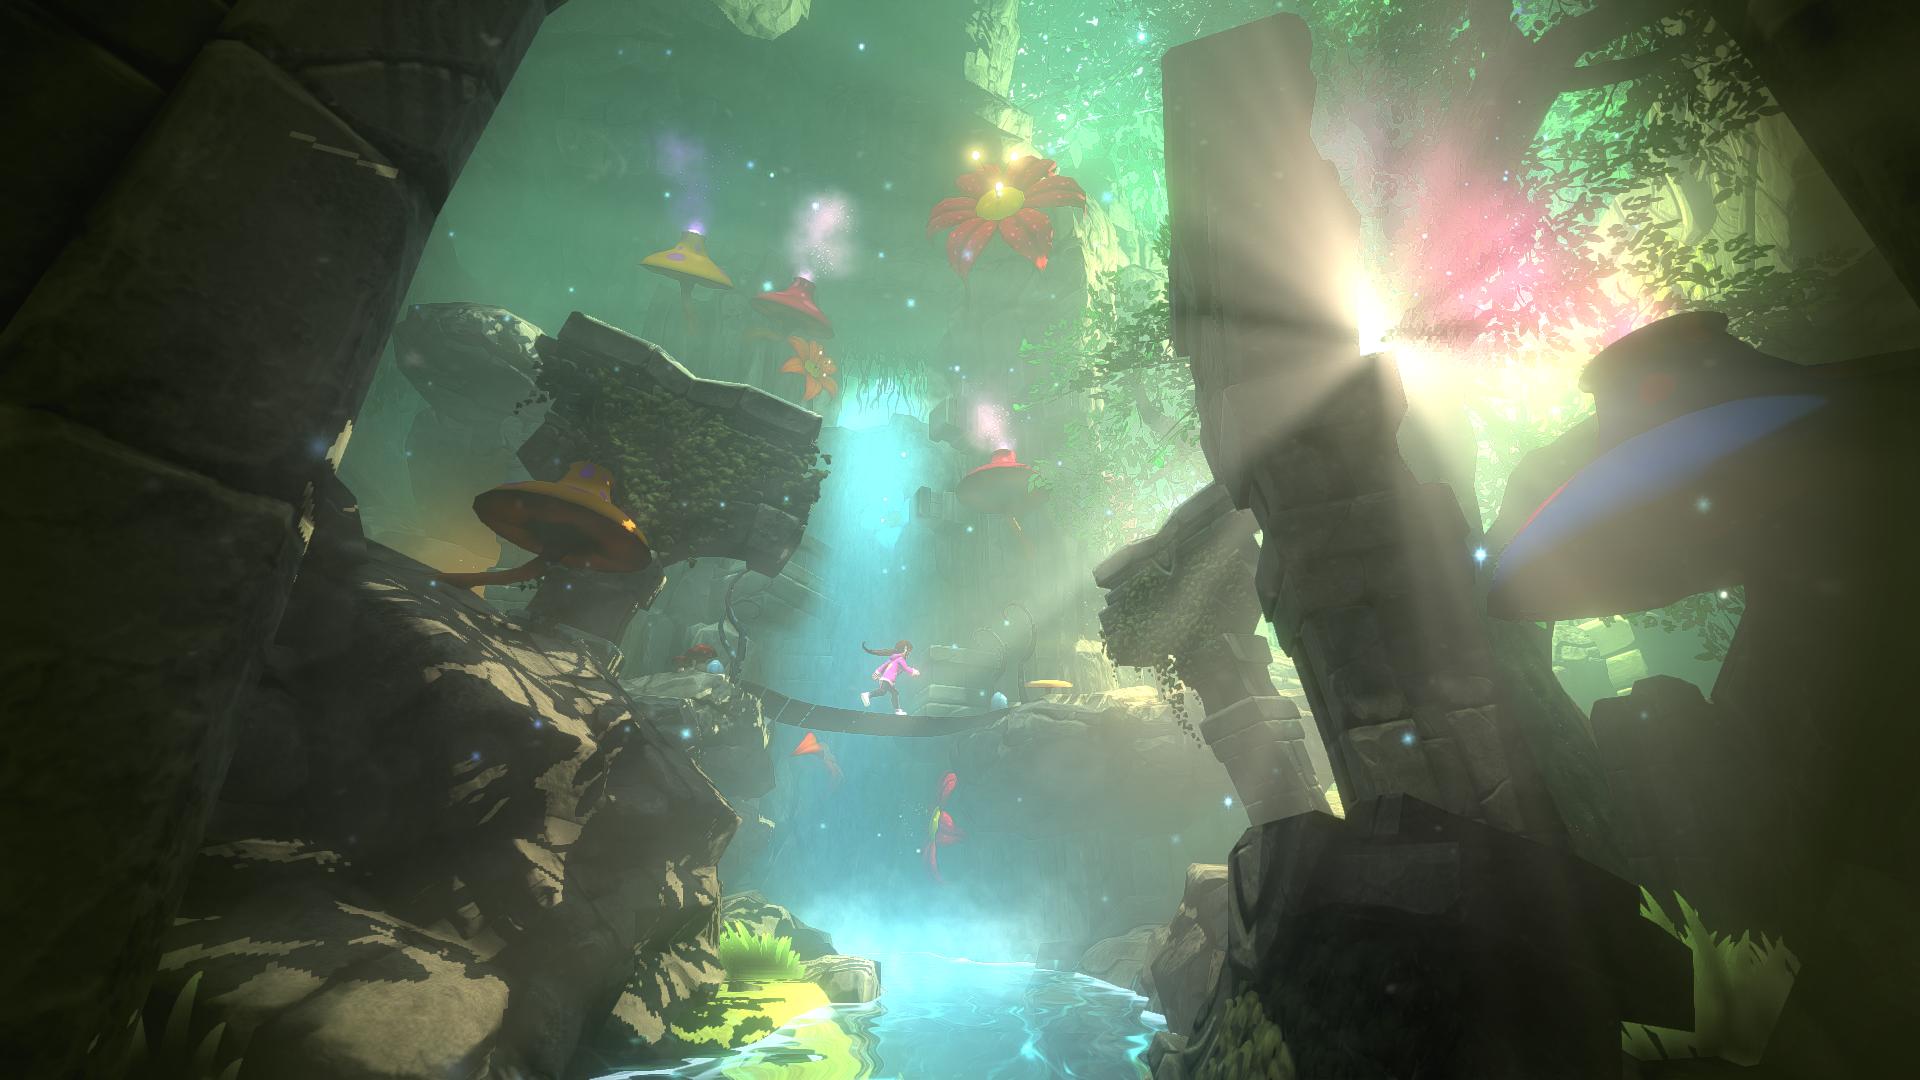 Onirism, le jeu vidéo